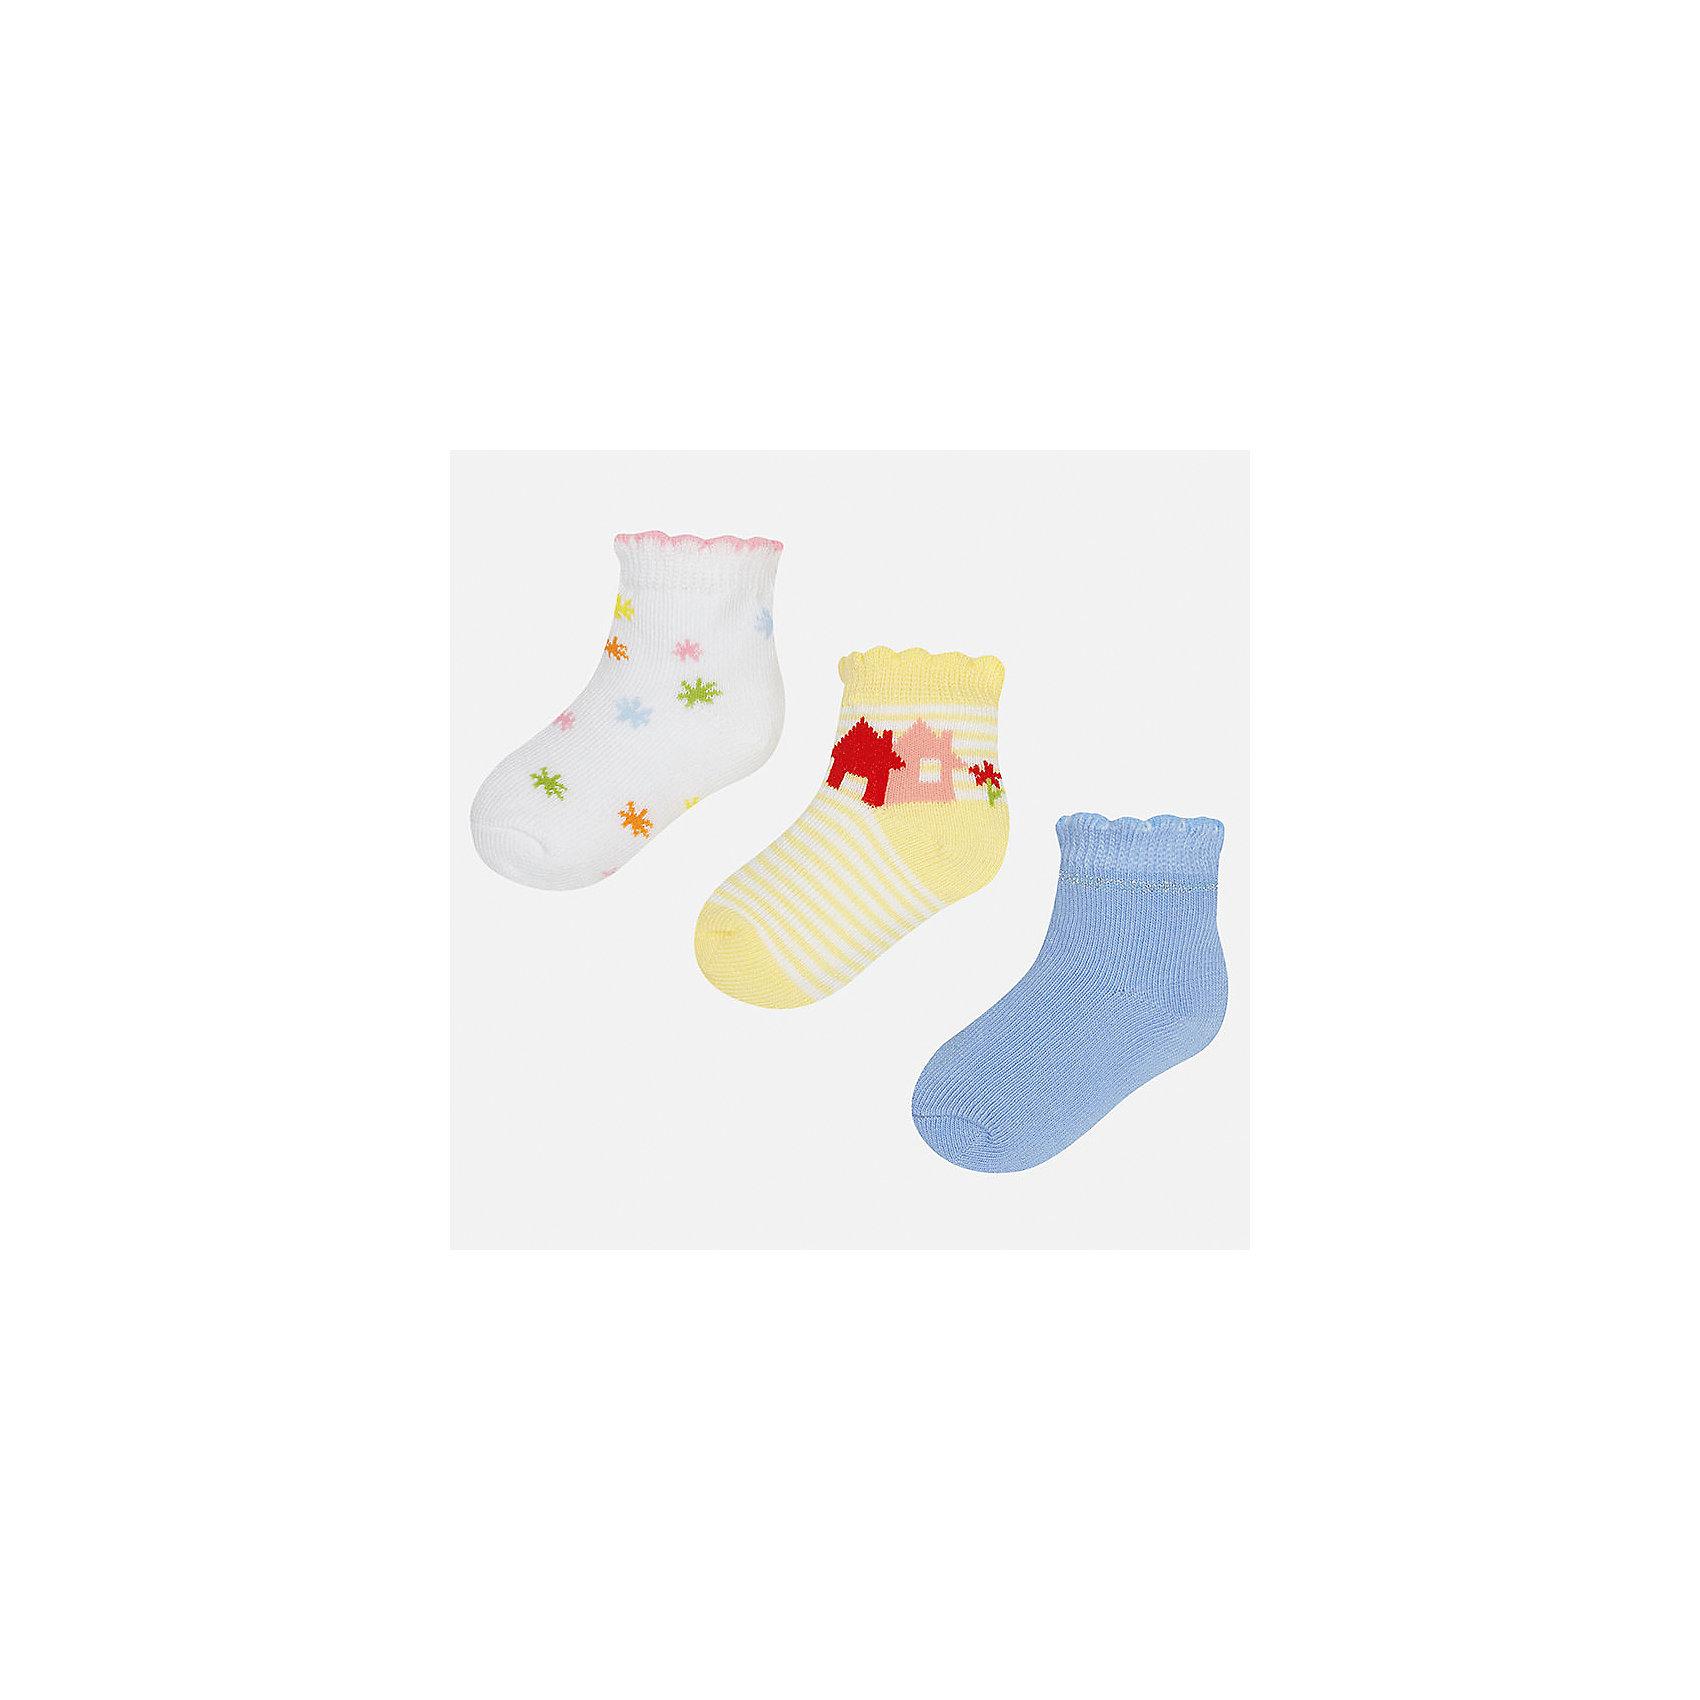 Носки (3 шт.) для девочки MayoralНосочки и колготки<br>Характеристики товара:<br><br>• цвет: белый/желтый/голубой<br>• состав: 68% хлопок, 28% полиамид, 4% эластан<br>• комплектация: 3 пары<br>• мягкая ажурная резинка<br>• эластичный материал<br>• декорированы рисунком<br>• страна бренда: Испания<br><br>Красивые и удобные носки для девочки помогут обеспечить ребенку комфорт и дополнить наряд. Универсальный цвет позволяет надевать их под обувь разных расцветок. Носки удобно сидят на ноге и красиво смотрятся. В составе материала - натуральный хлопок, гипоаллергенный, приятный на ощупь, дышащий. <br><br>Одежда, обувь и аксессуары от испанского бренда Mayoral полюбились детям и взрослым по всему миру. Модели этой марки - стильные и удобные. Для их производства используются только безопасные, качественные материалы и фурнитура. Порадуйте ребенка модными и красивыми вещами от Mayoral! <br><br>Носки для девочки от испанского бренда Mayoral (Майорал) можно купить в нашем интернет-магазине.<br><br>Ширина мм: 87<br>Глубина мм: 10<br>Высота мм: 105<br>Вес г: 115<br>Цвет: разноцветный<br>Возраст от месяцев: 21<br>Возраст до месяцев: 24<br>Пол: Женский<br>Возраст: Детский<br>Размер: 24,12<br>SKU: 5293391